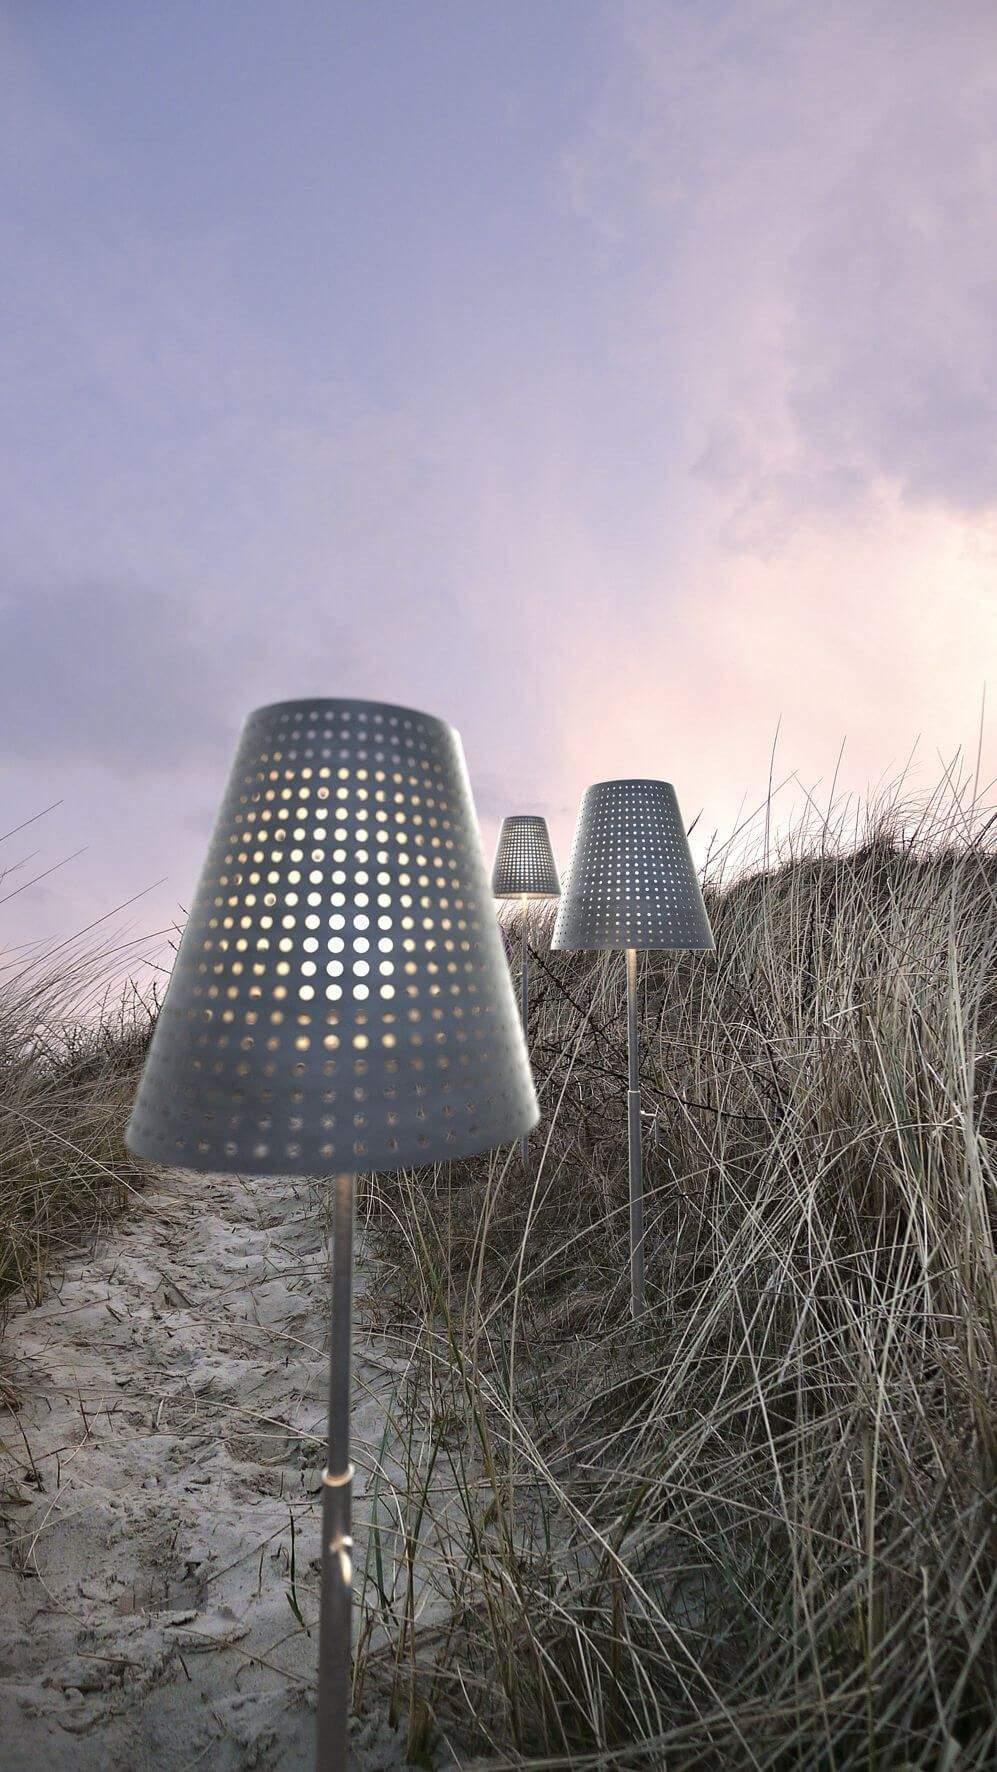 Garten Leuchten Neu Industrielle Stehlampe Weglampe Fuse